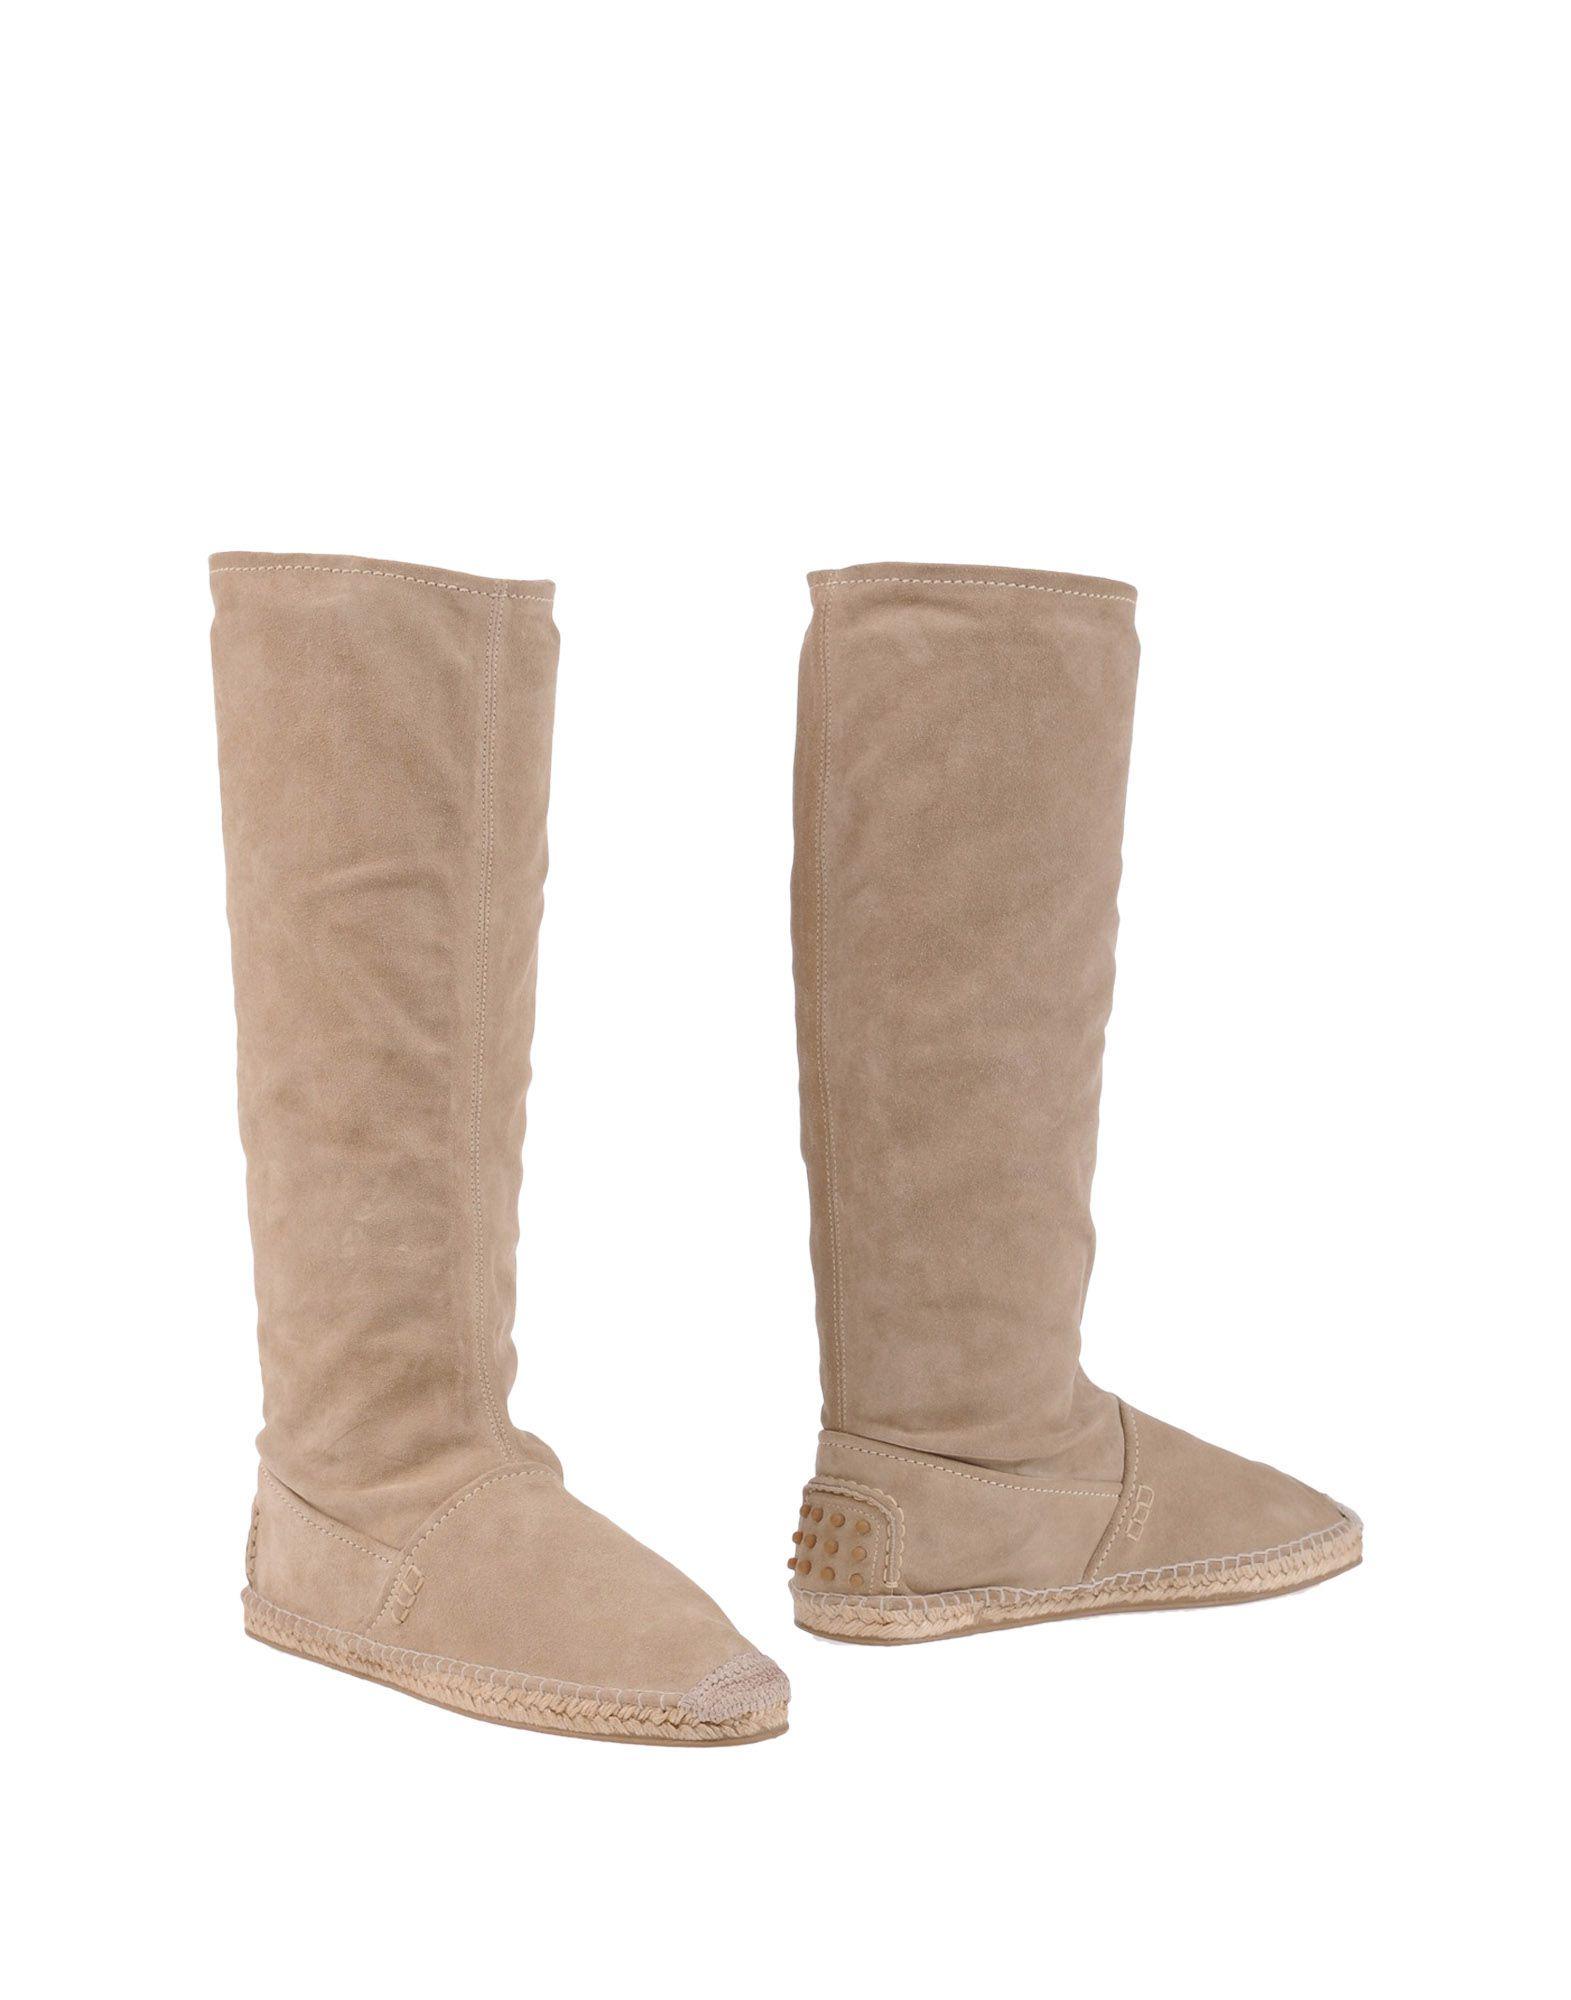 Moda 11156309RH Stivali Carshoe Donna - 11156309RH Moda cbac7d